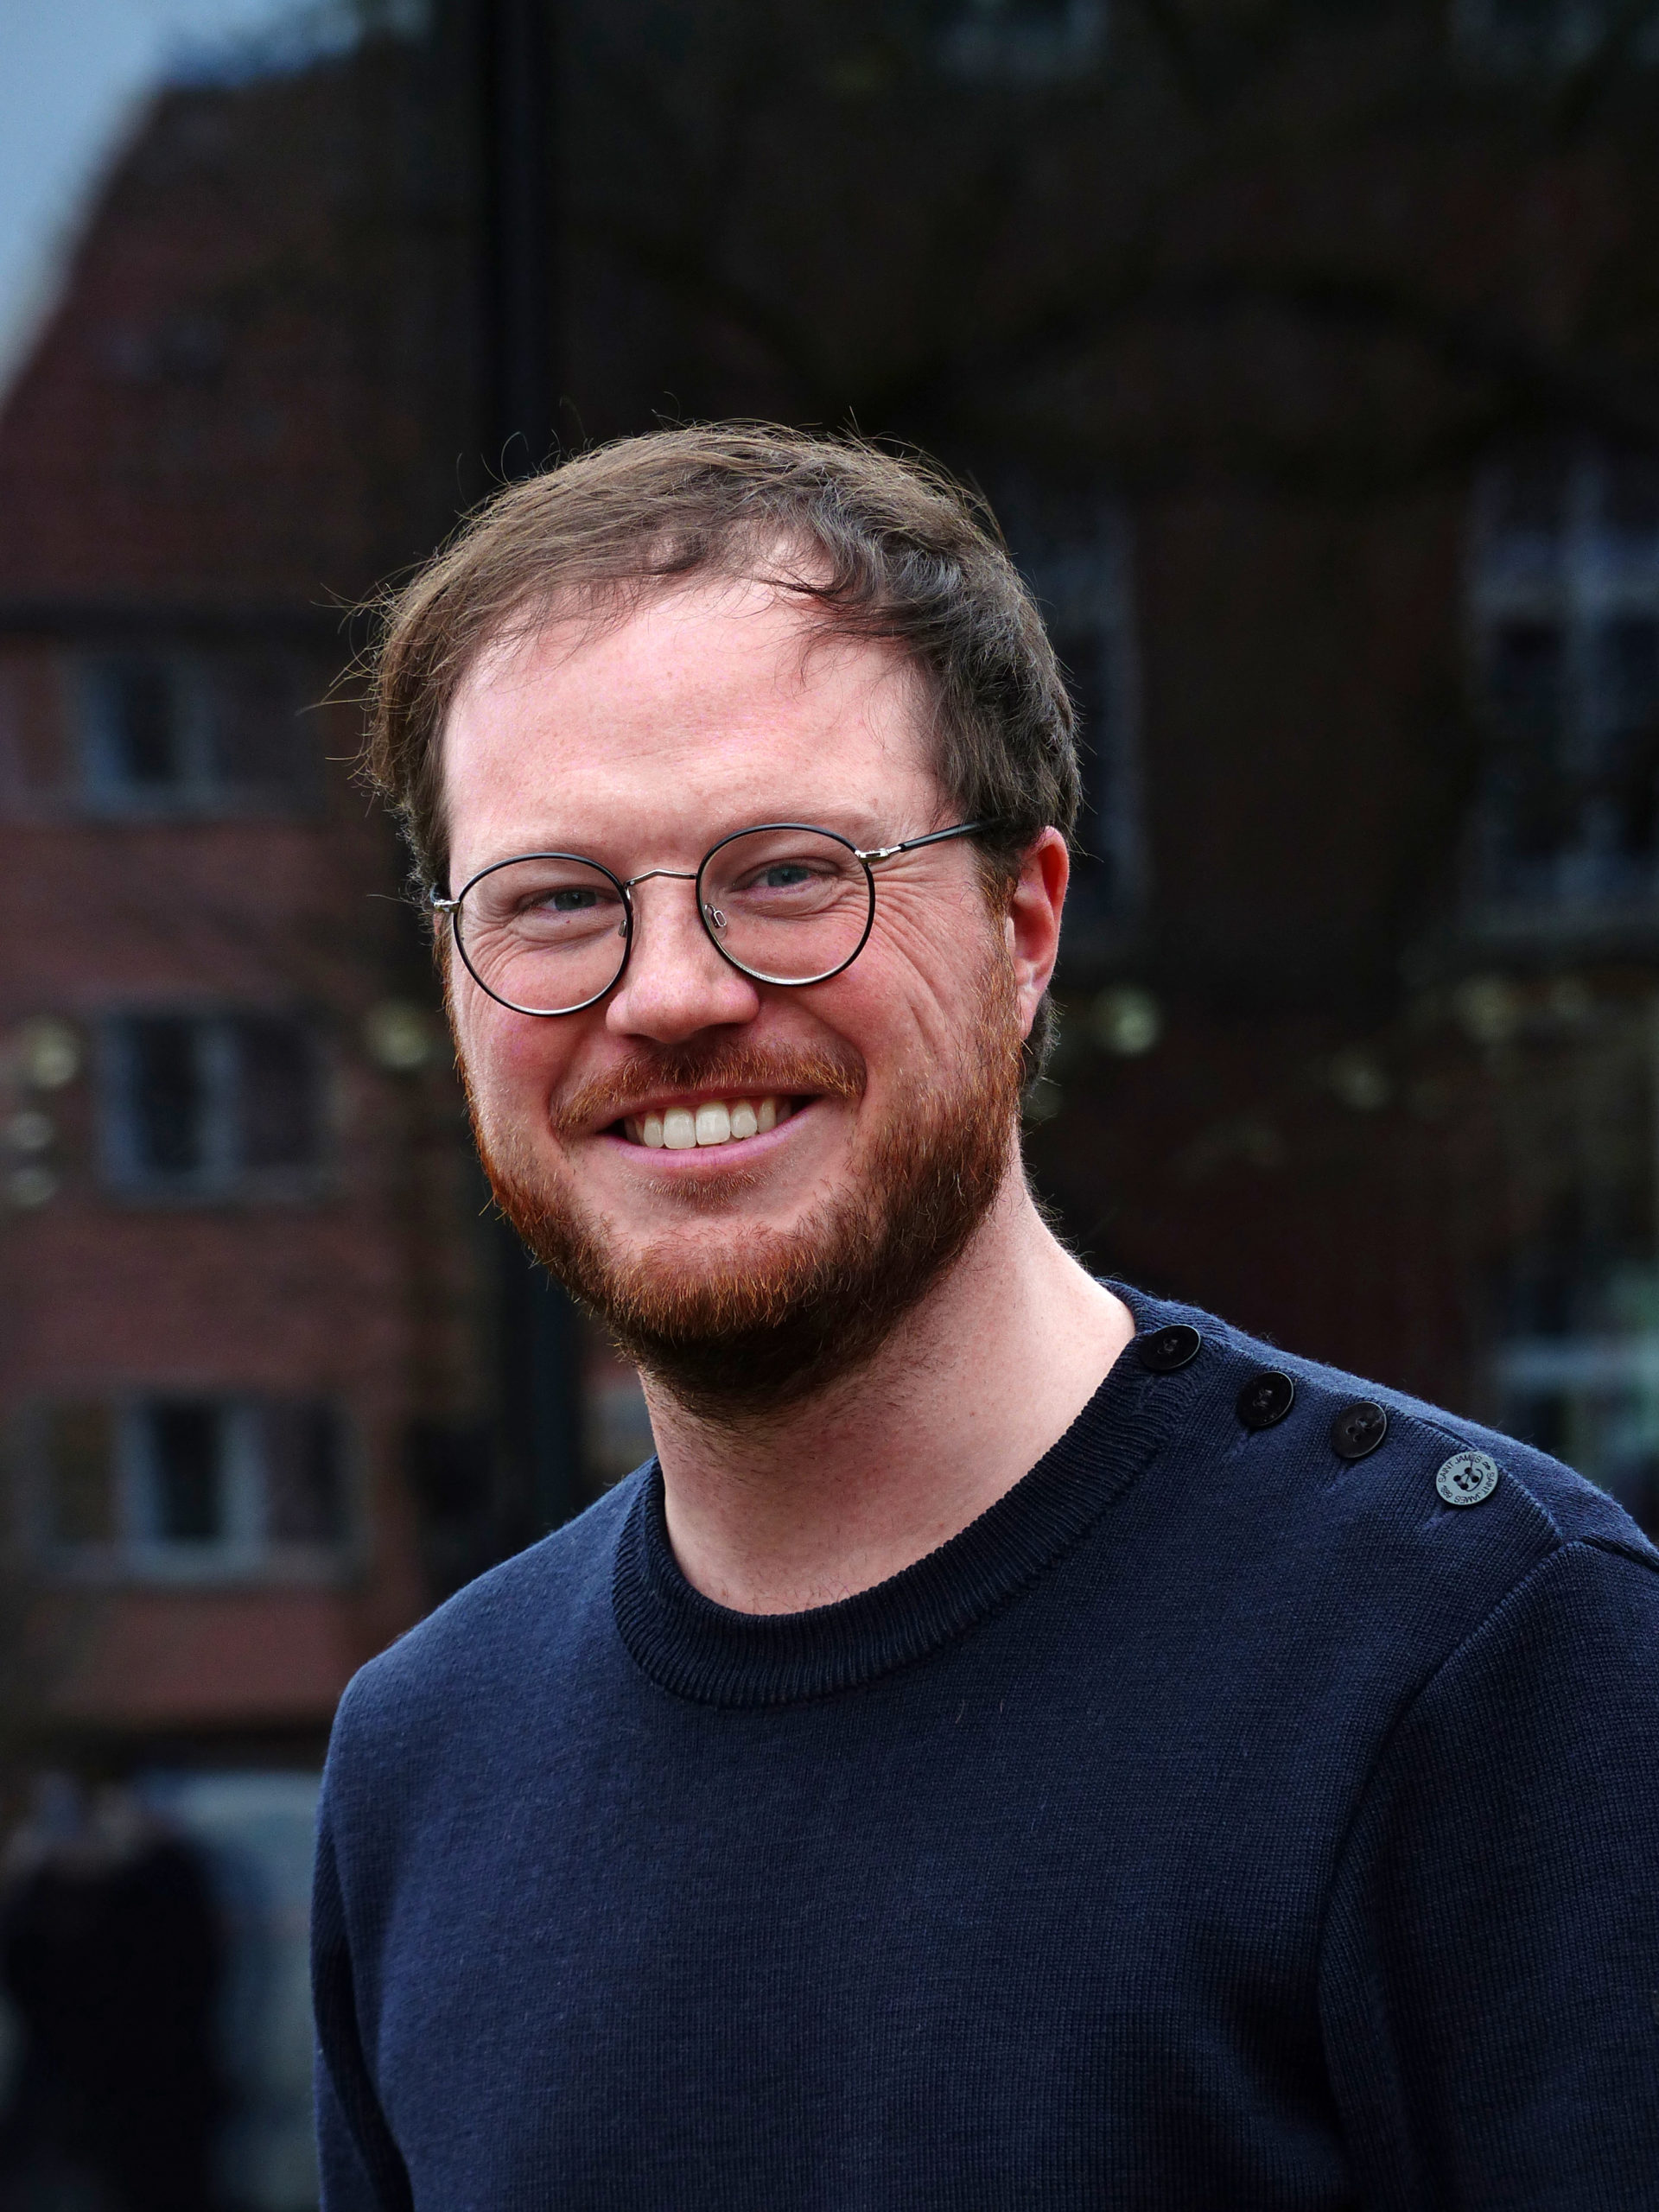 Jan Christopher Kalbhenn